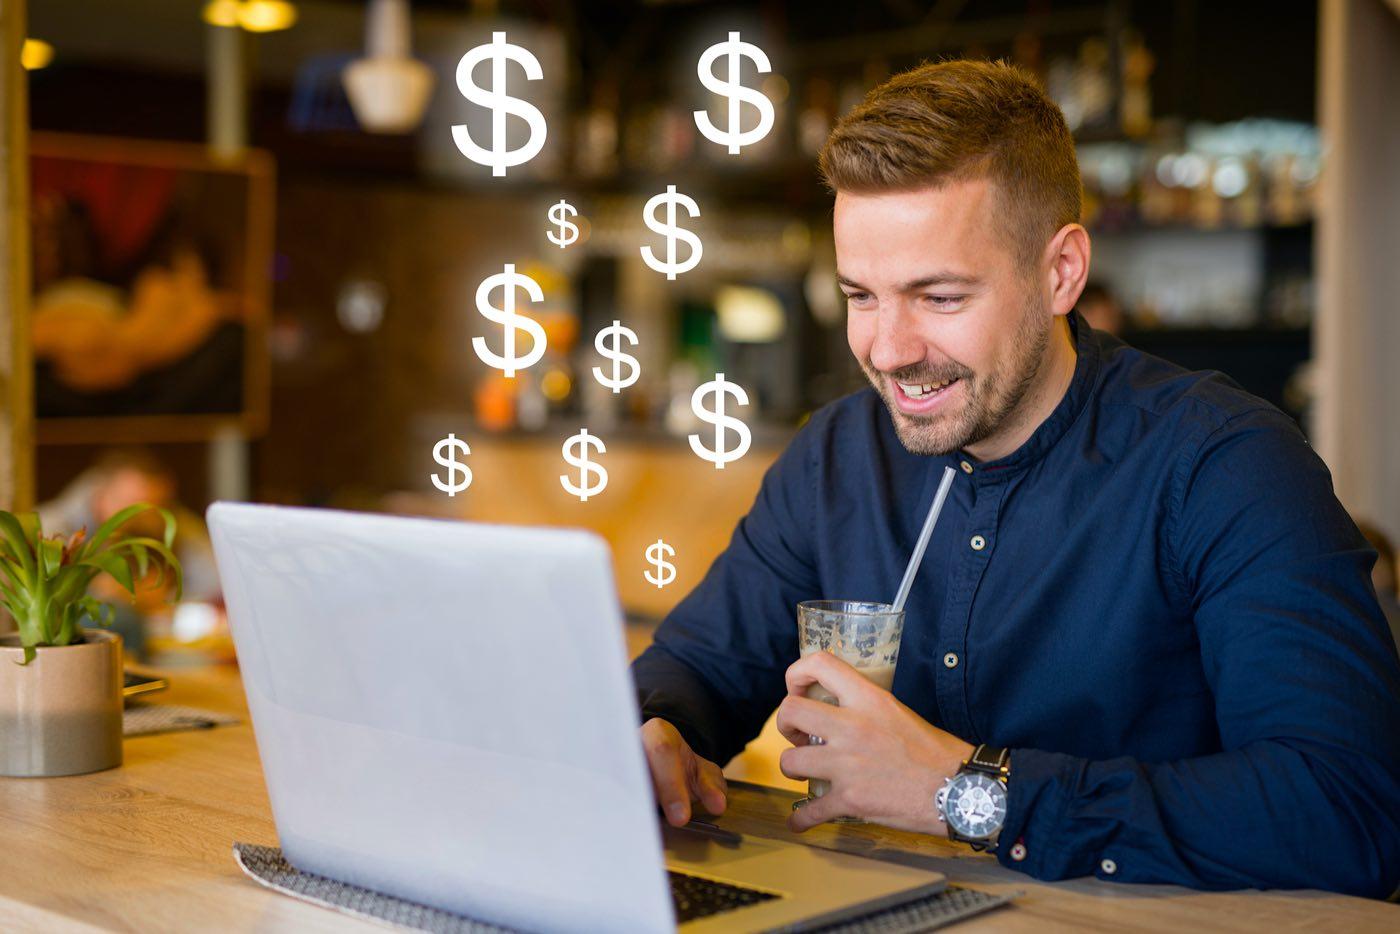 Freelancer trabajando en su oficina revisando su saldo y ganancias.